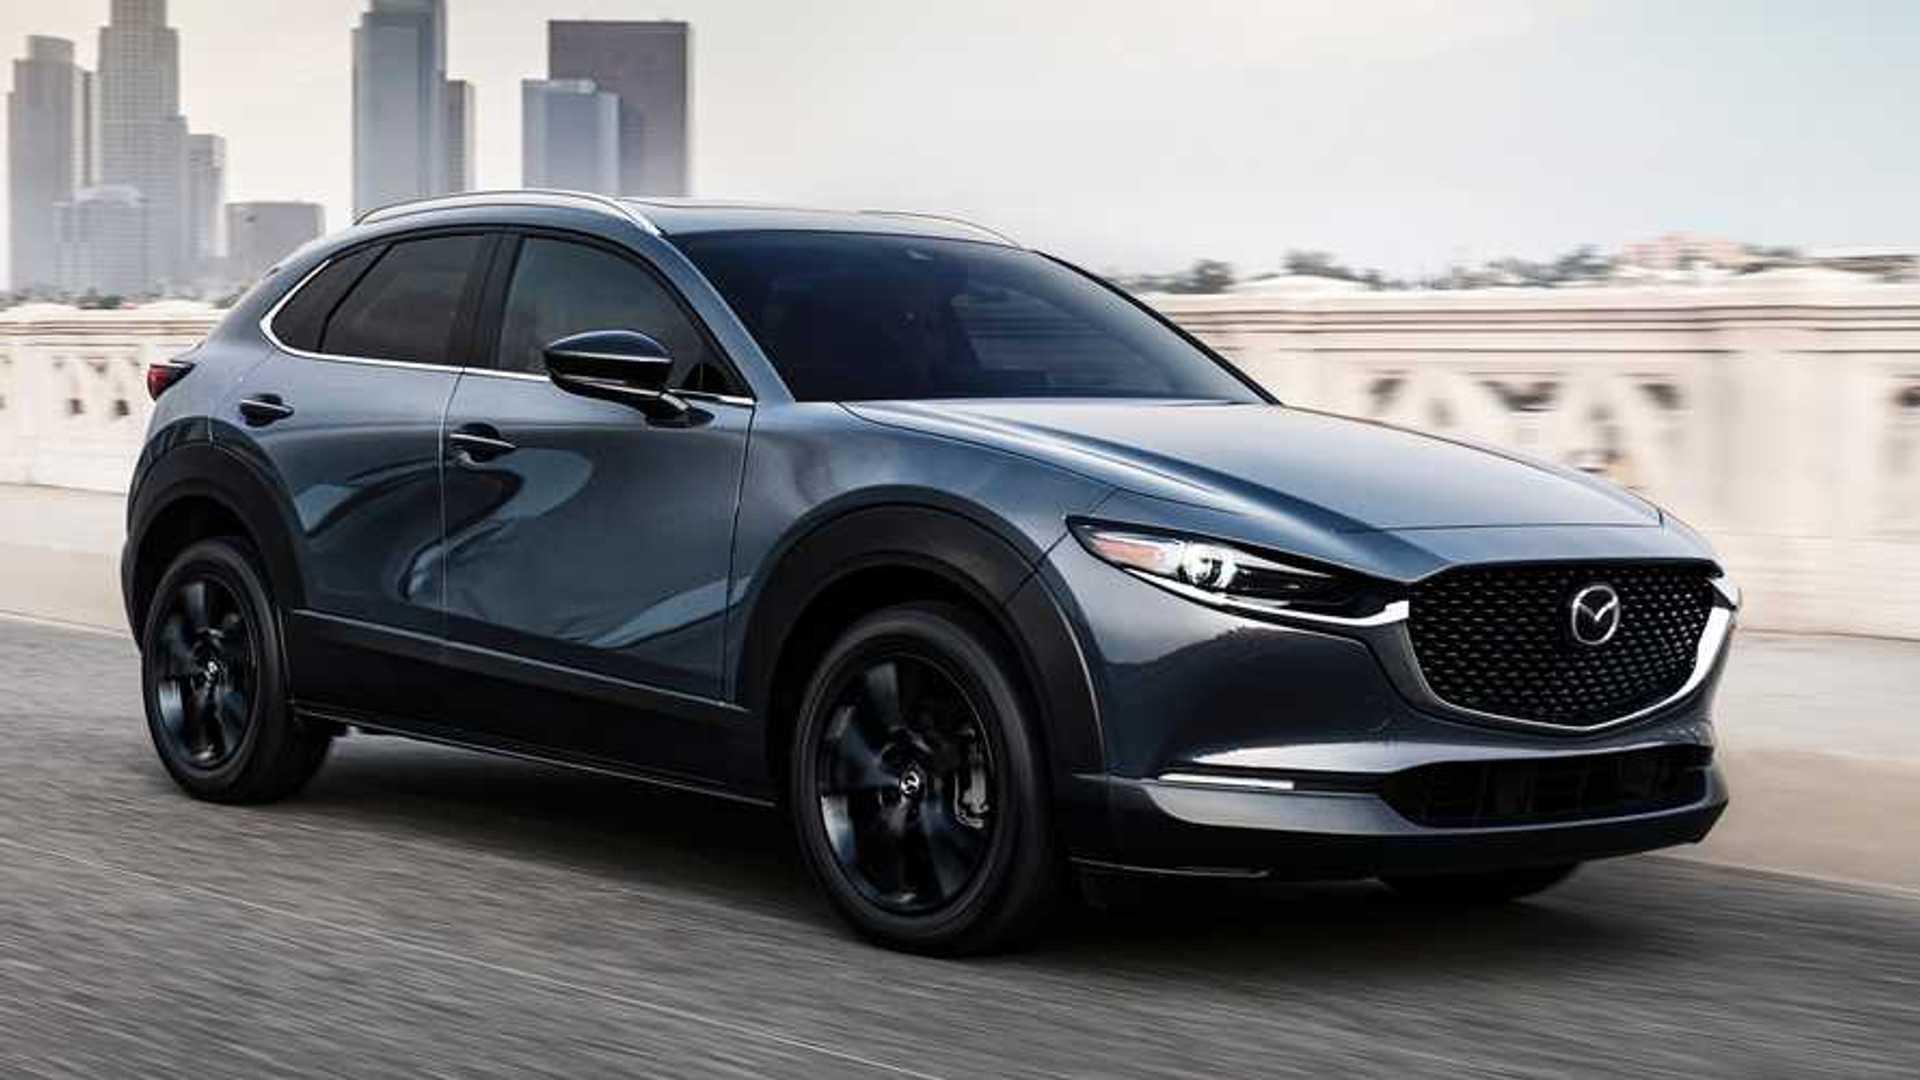 Потребительские отчеты: Mazda — лучший бренд этого года, несмотря на этот автомобиль